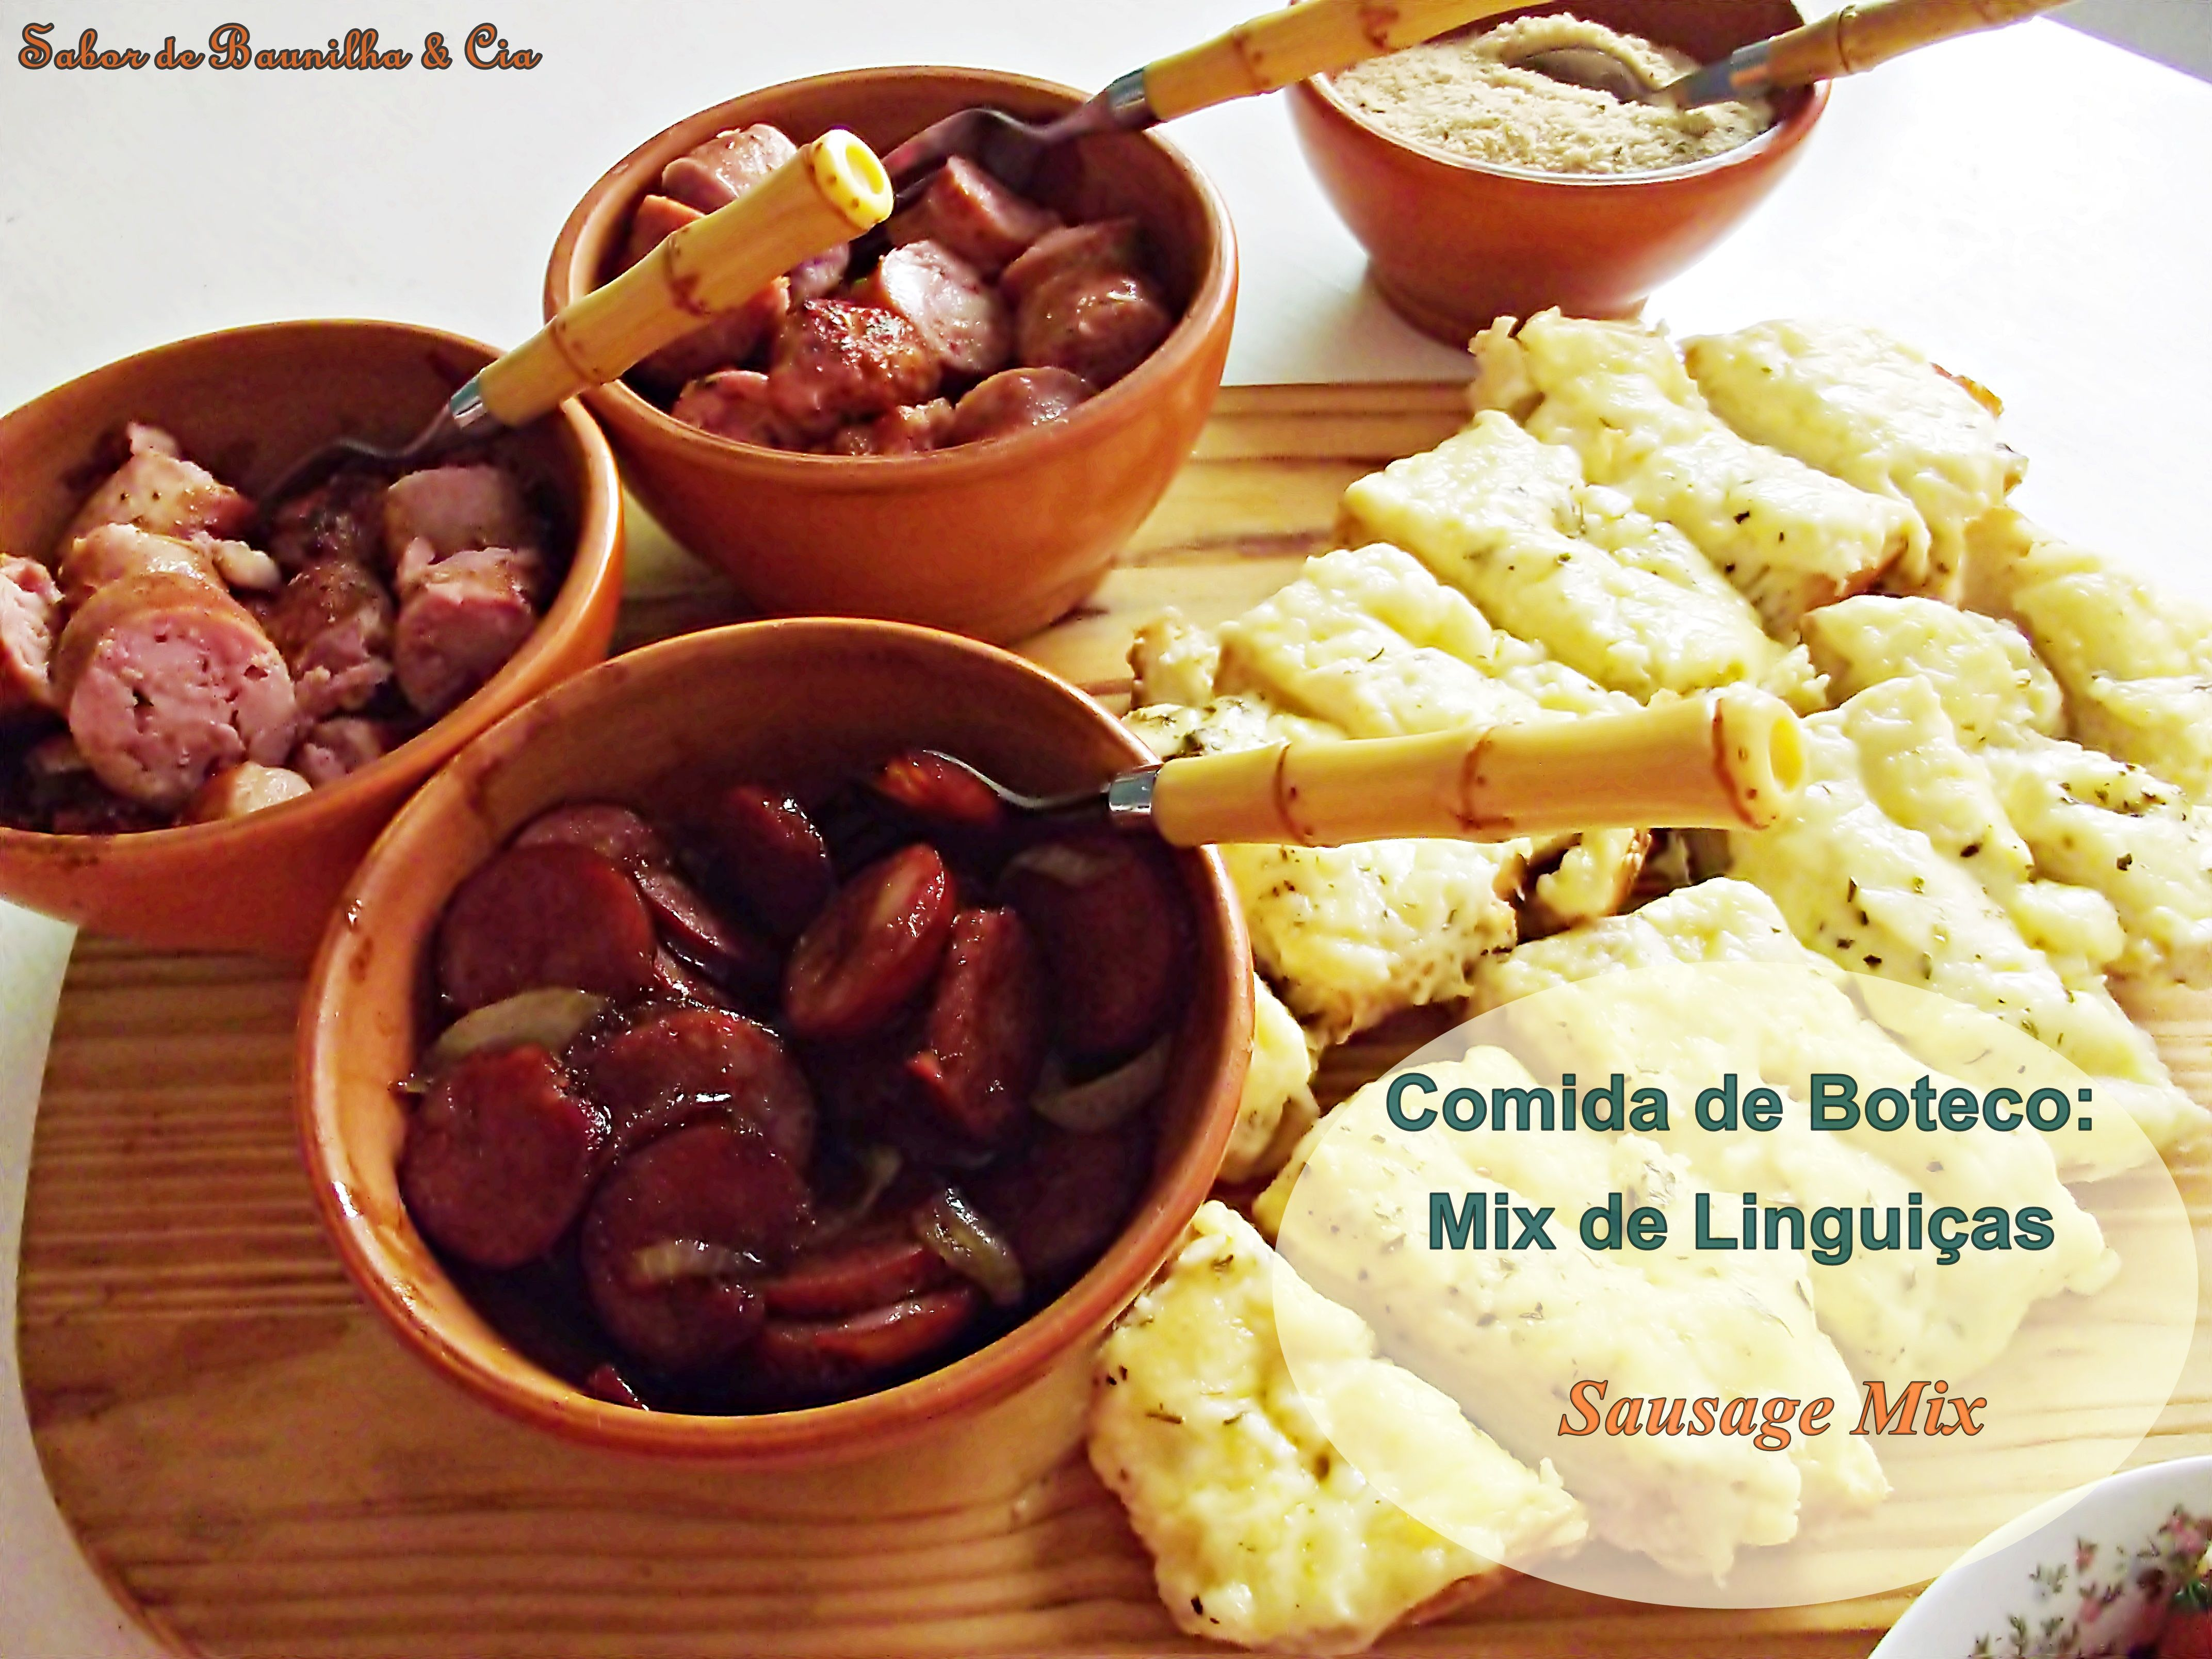 Comida de Boteco: Mix de Linguiças – Sausage Mix